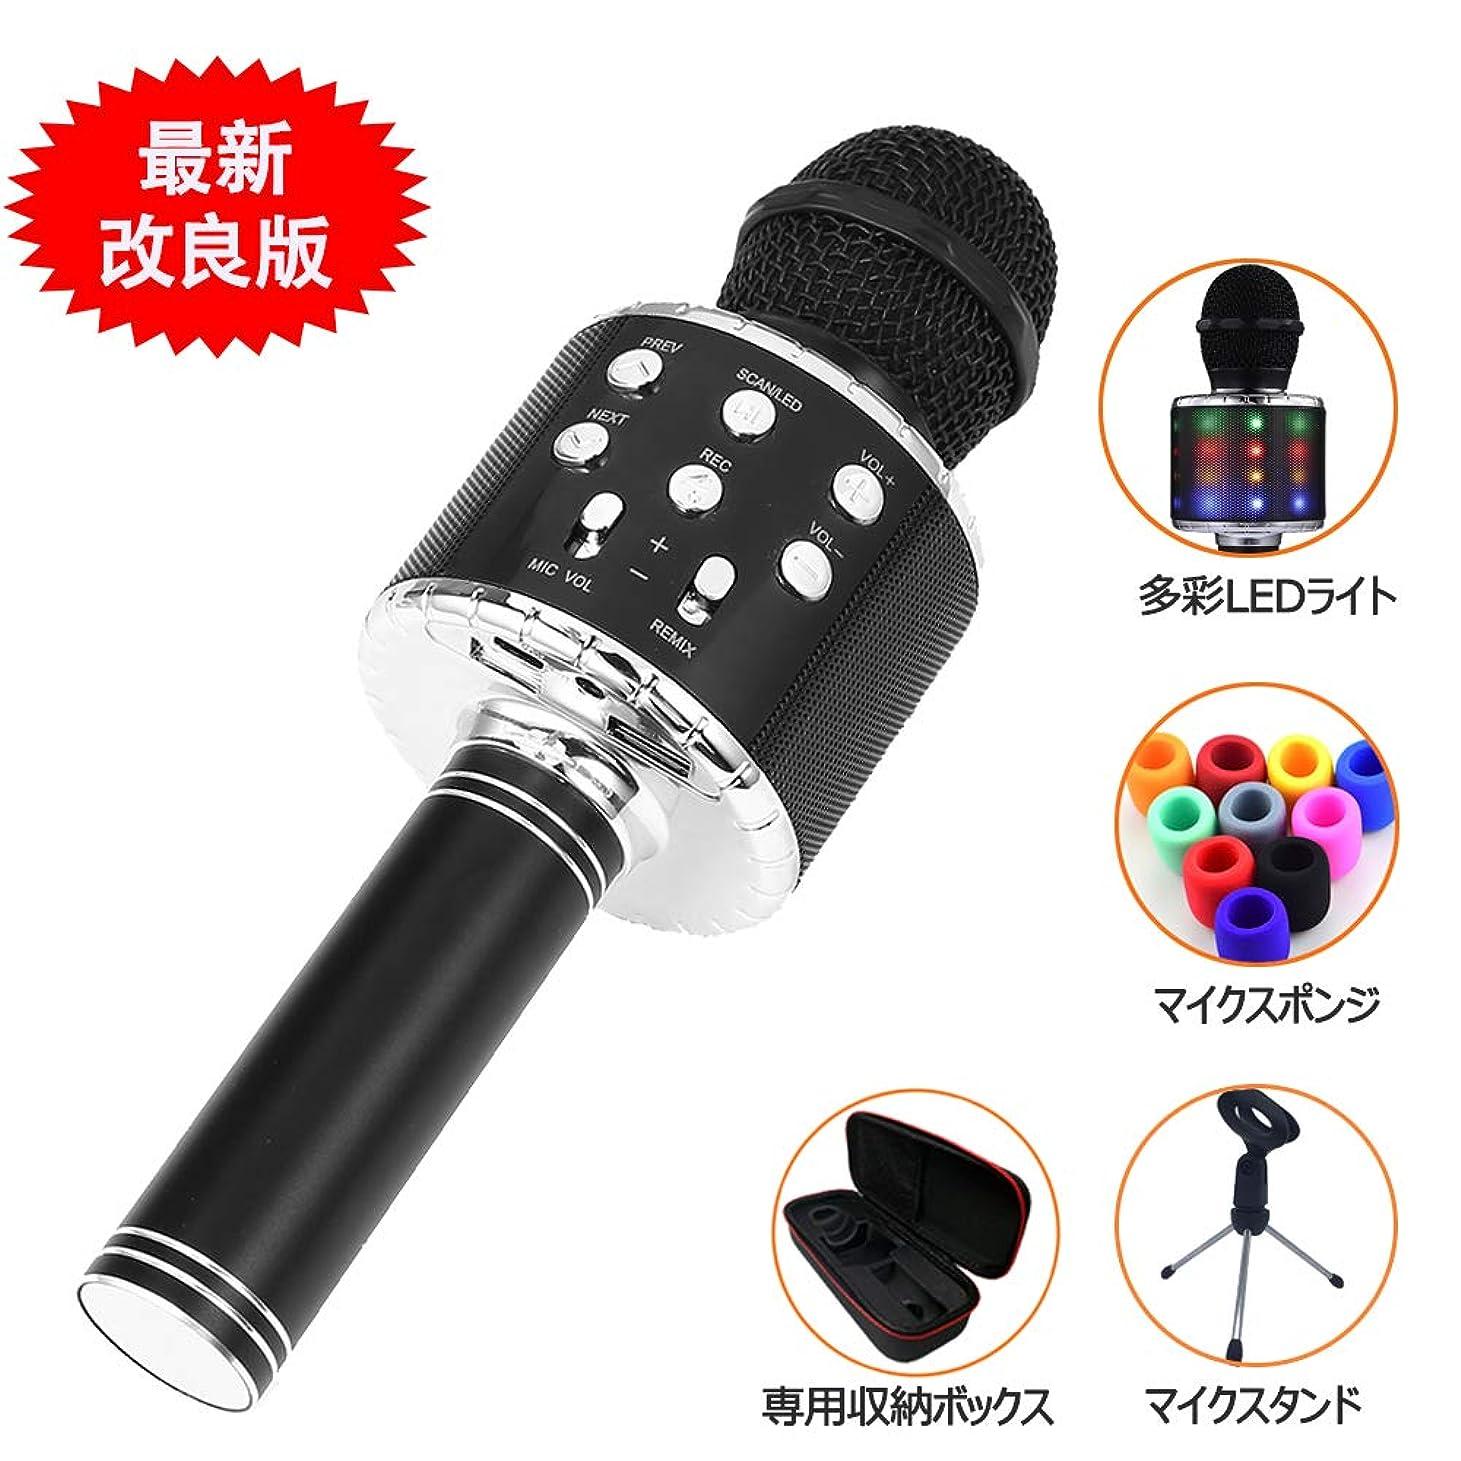 やさしく弁護士文字通りカラオケマイクBluetooth Yihuilan ポータブルスピーカー 多機能 高音質 無線マイク ノイズキャンセリング 音楽再生 家庭カラオケ Android/iPhoneに対応 (ローズゴールド)